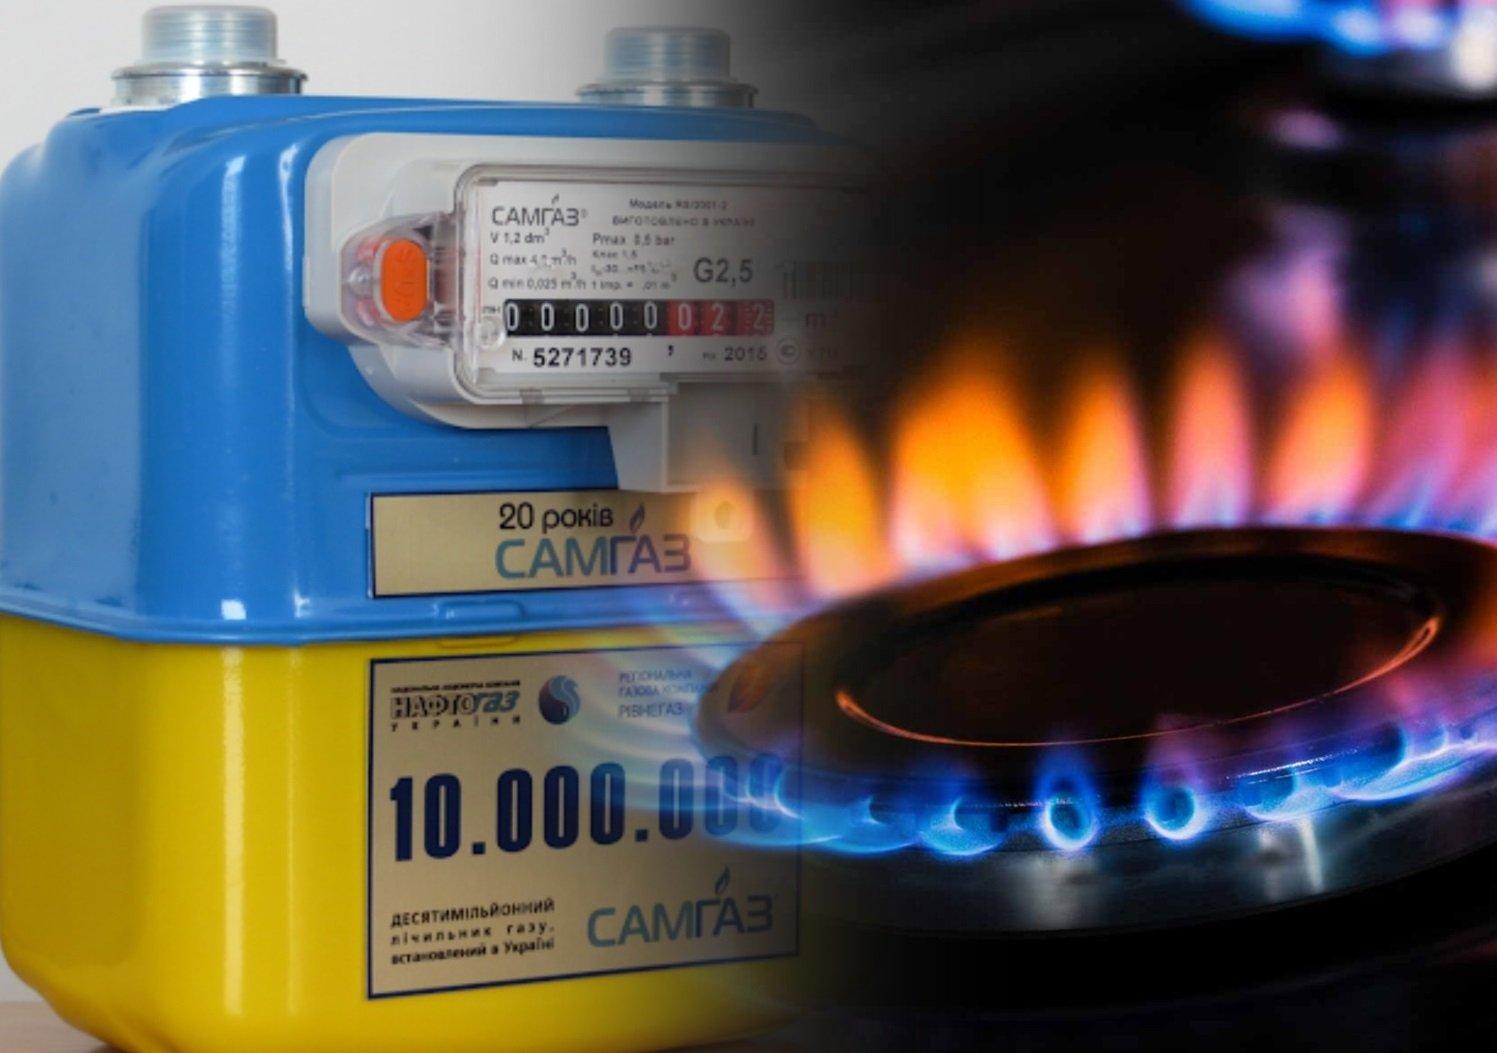 Ціни на газ восени зростуть на 25%: кому з громадян слід готуватися до подорожчання